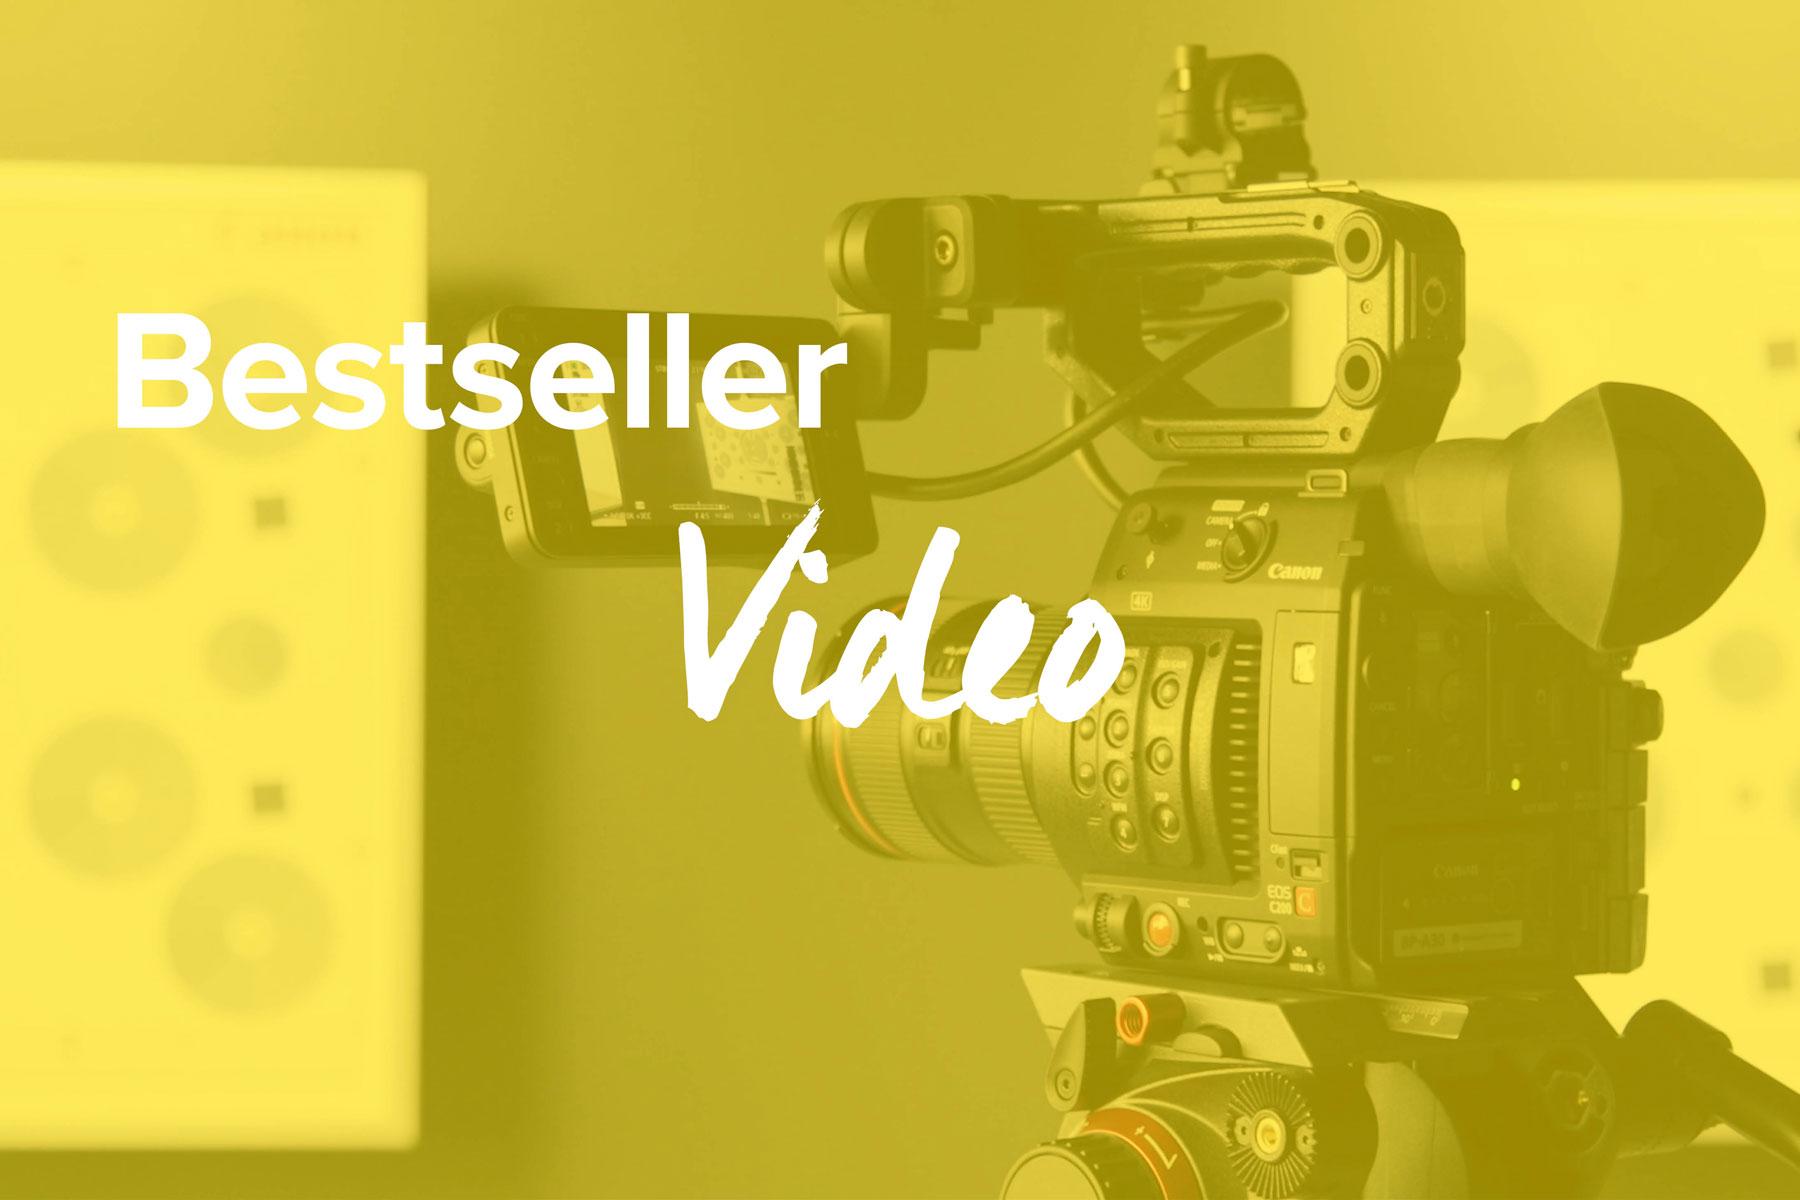 Bestseller Video